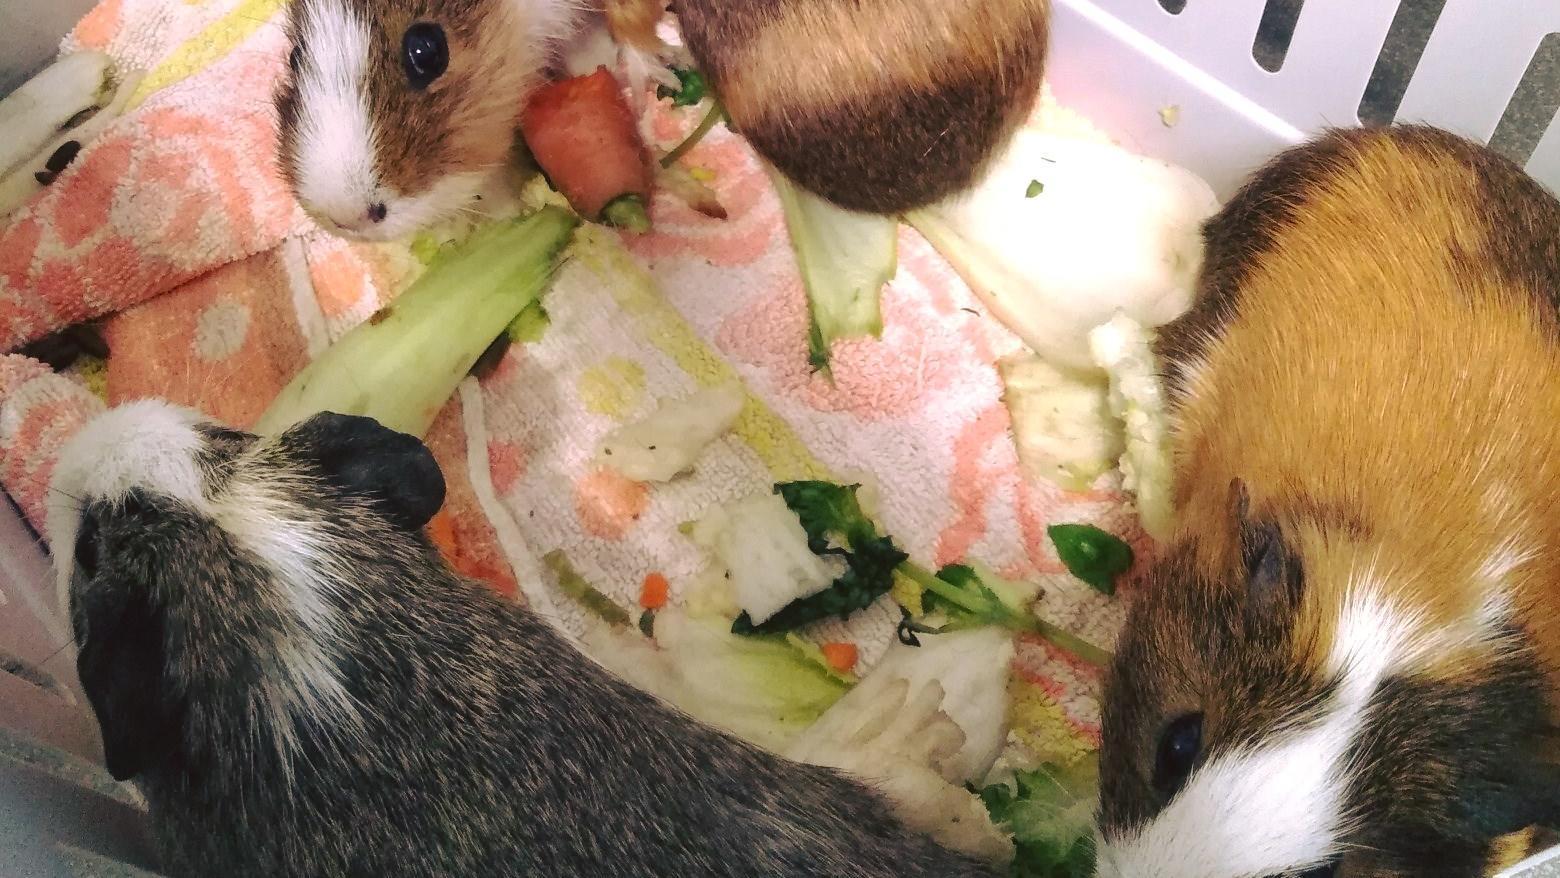 Der Tierschutz Halle e.V. hat die insgesamt zwölf Meerschweinchen zwischenzeitlich aufgenommen.